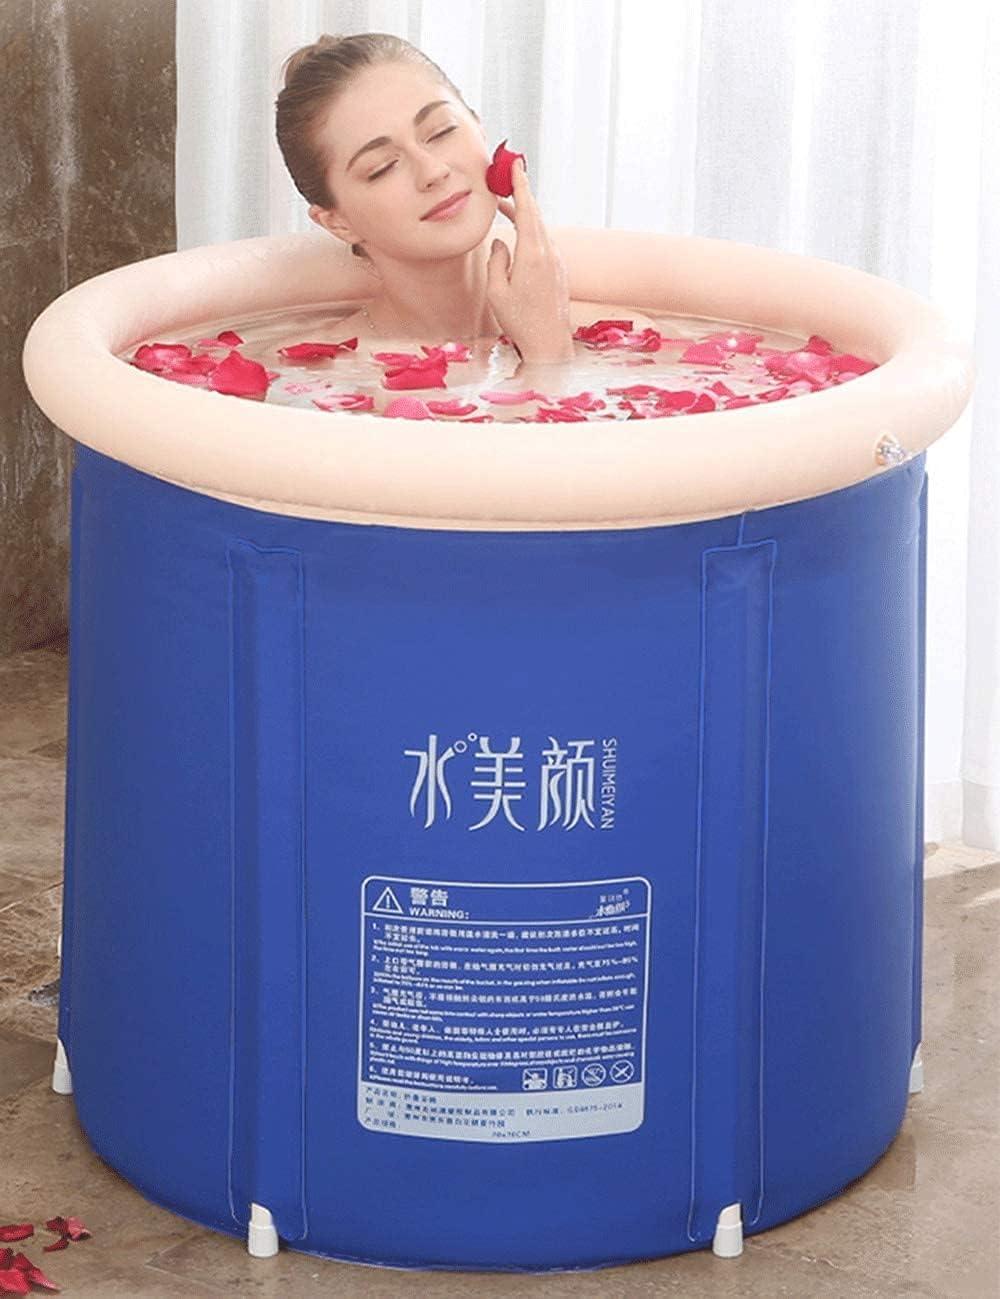 Folding Bathtub Blue Bath Barrel Adult Ice Home Body T Sacramento Mall Store Full